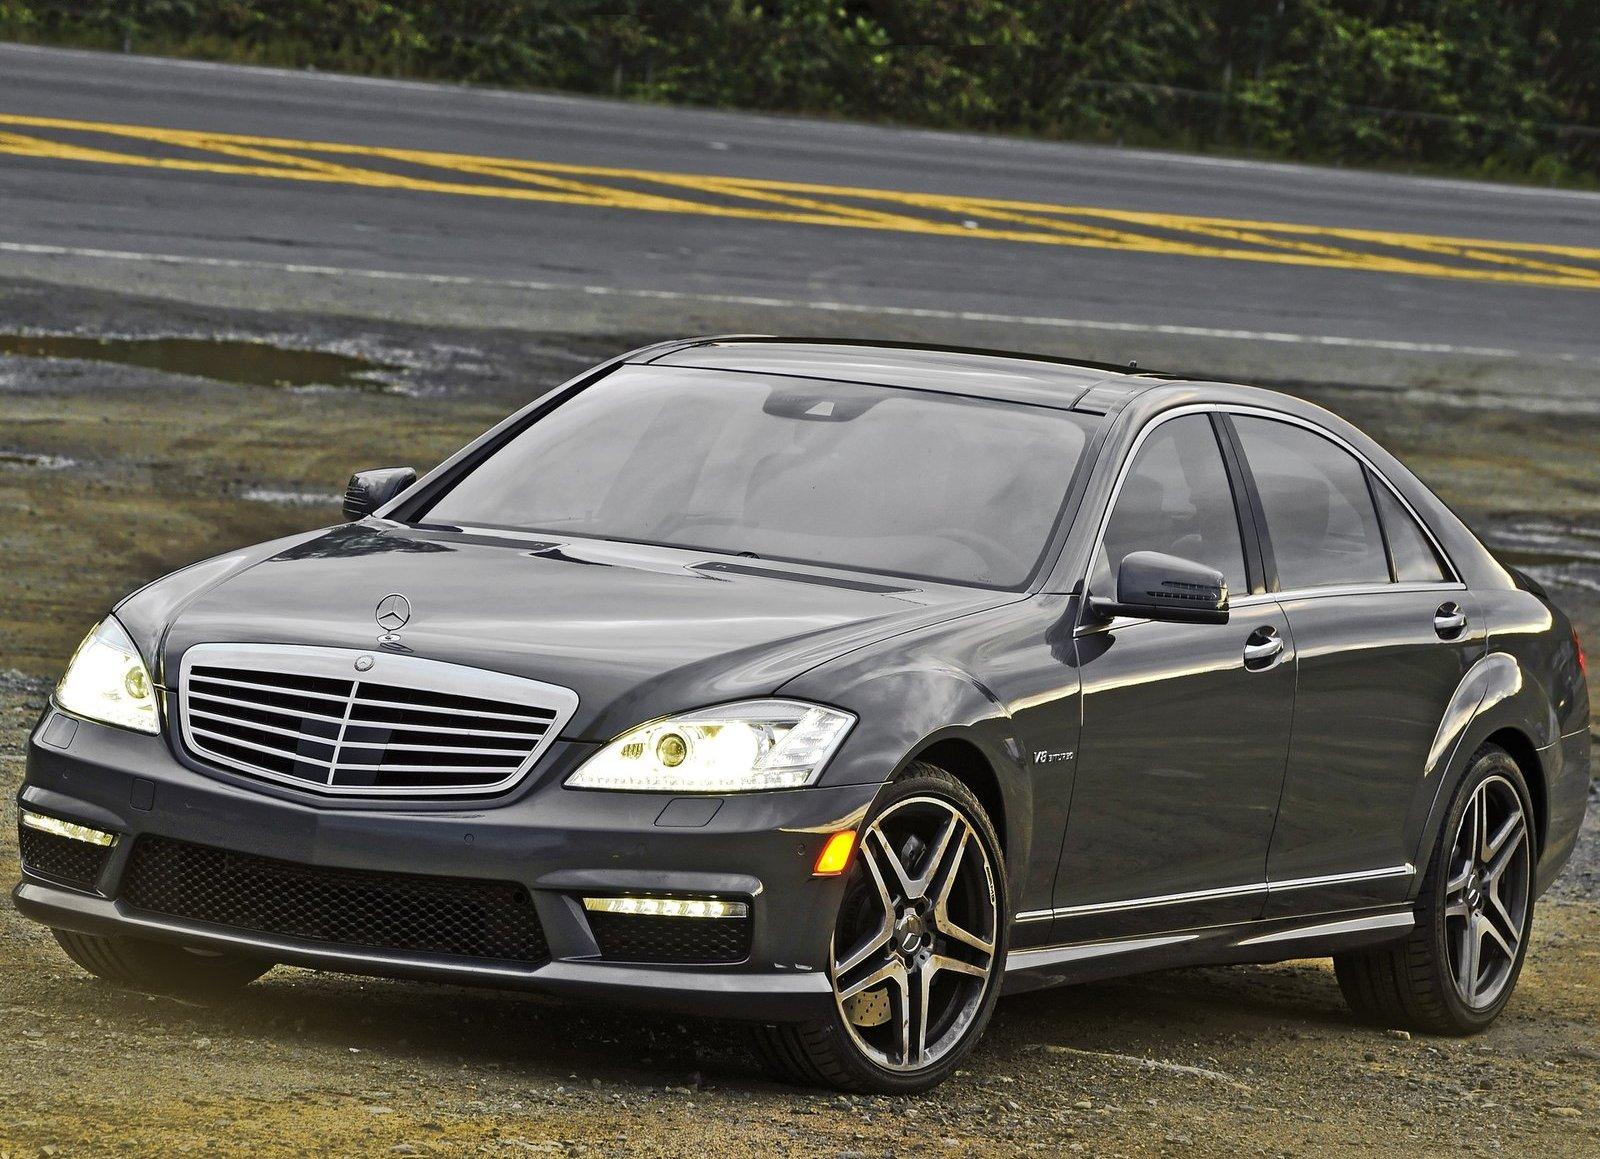 http://4.bp.blogspot.com/-NjLDvMC_OW4/TfCAkpHf2eI/AAAAAAAAA6c/1BZT_78q9B0/s1600/Mercedes-Benz-S63_AMG_2011_1600x1200_wallpaper_13.jpg